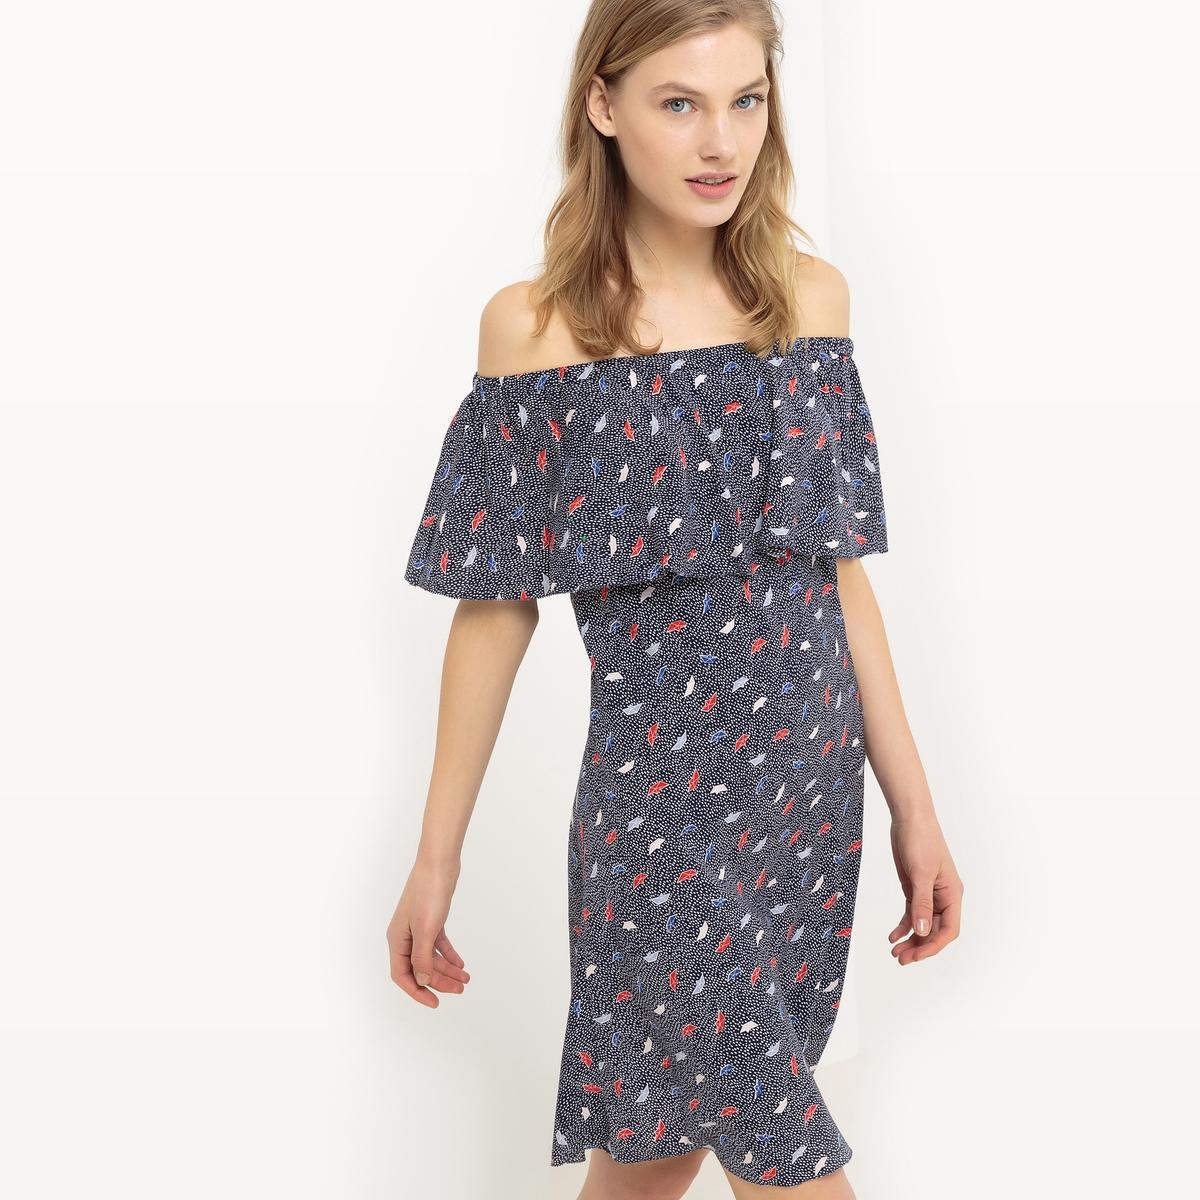 Платье с открытыми плечами и рисунком в стиле оригамиДетали  •  Форма : мини •  Укороченная модель •  Без рукавов    •  Круглый вырезСостав и уход  •  100% вискоза •  Следуйте рекомендациям по уходу, указанным на этикетке изделия<br><br>Цвет: рисунок темно-синий<br>Размер: 40 (FR) - 46 (RUS)